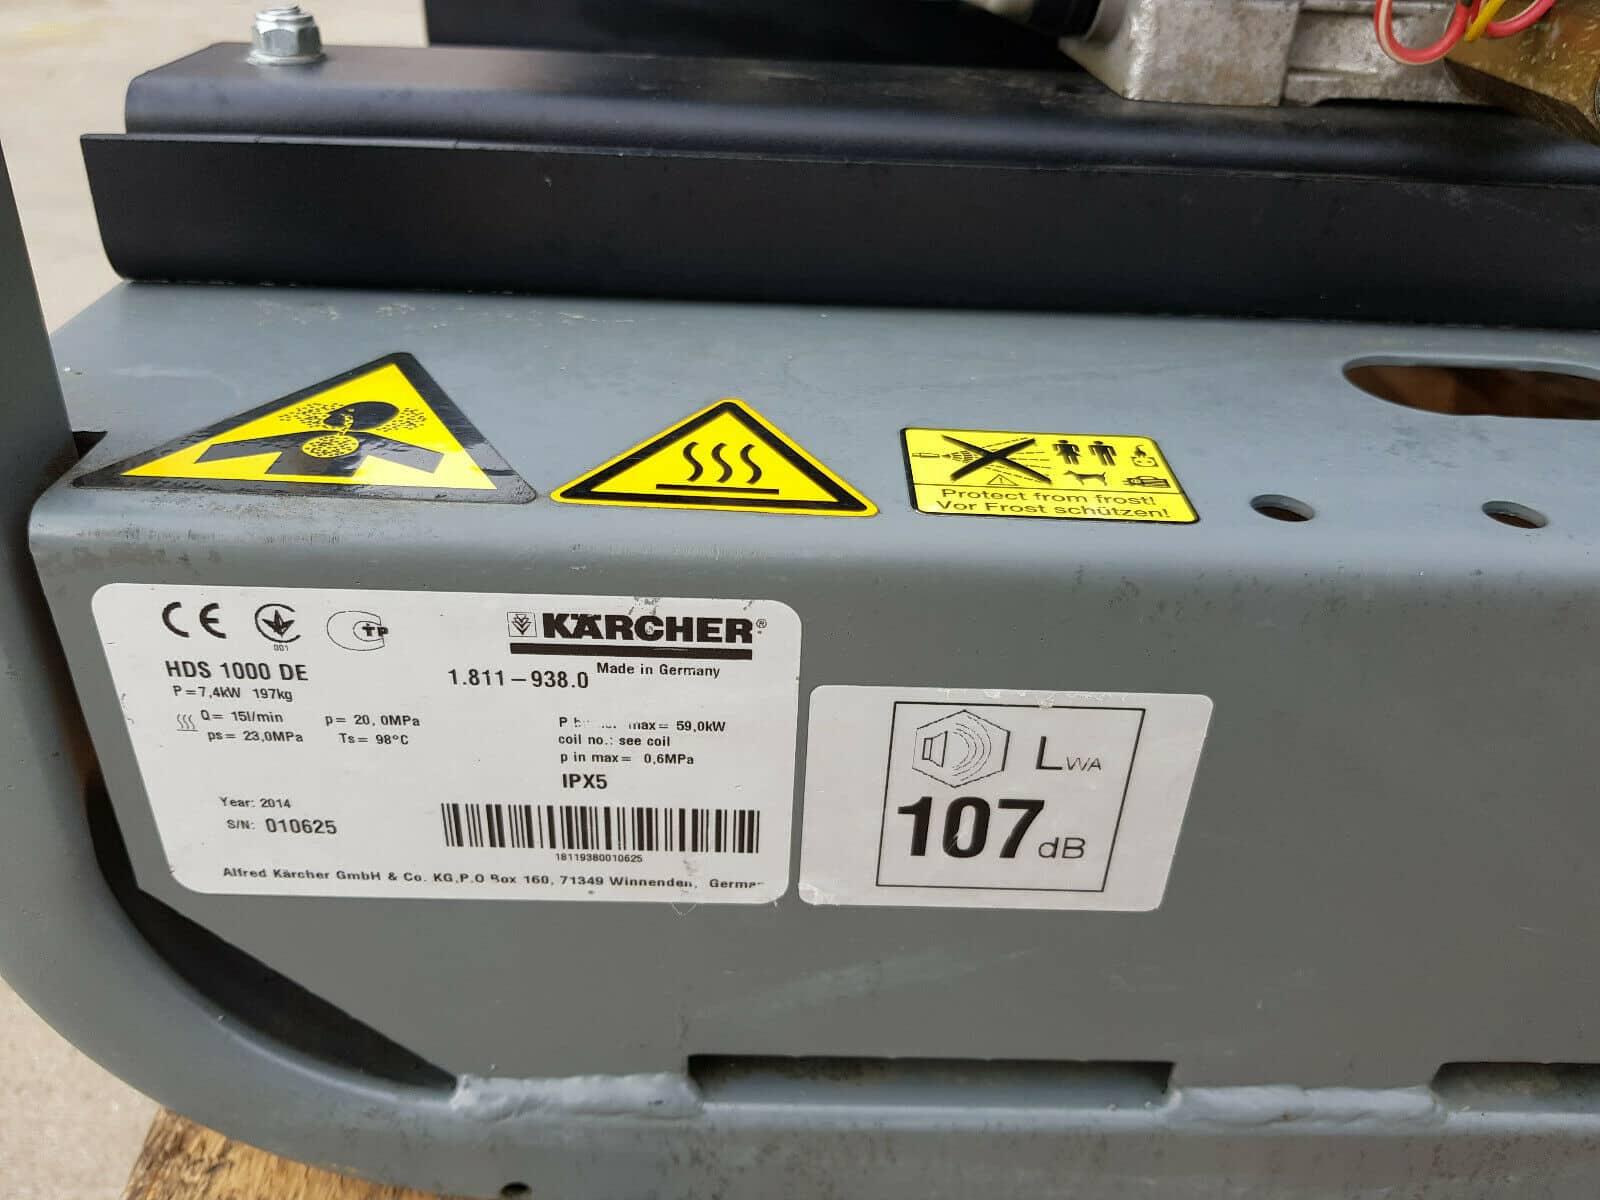 Kärcher HDS 1000 De 1.811-938.0 beheizter mobiler Hochdruckreiniger Diesel